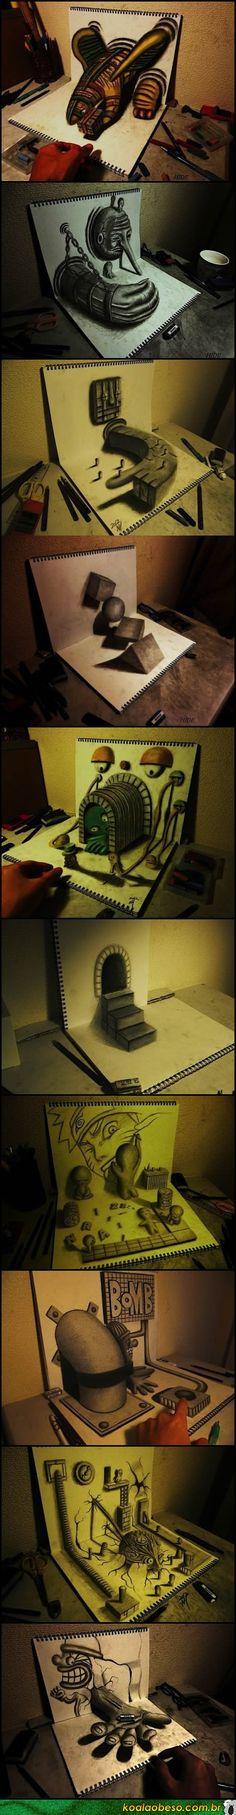 Desenhos em 3D realizados em dois cadernos.  INCRÍVEL